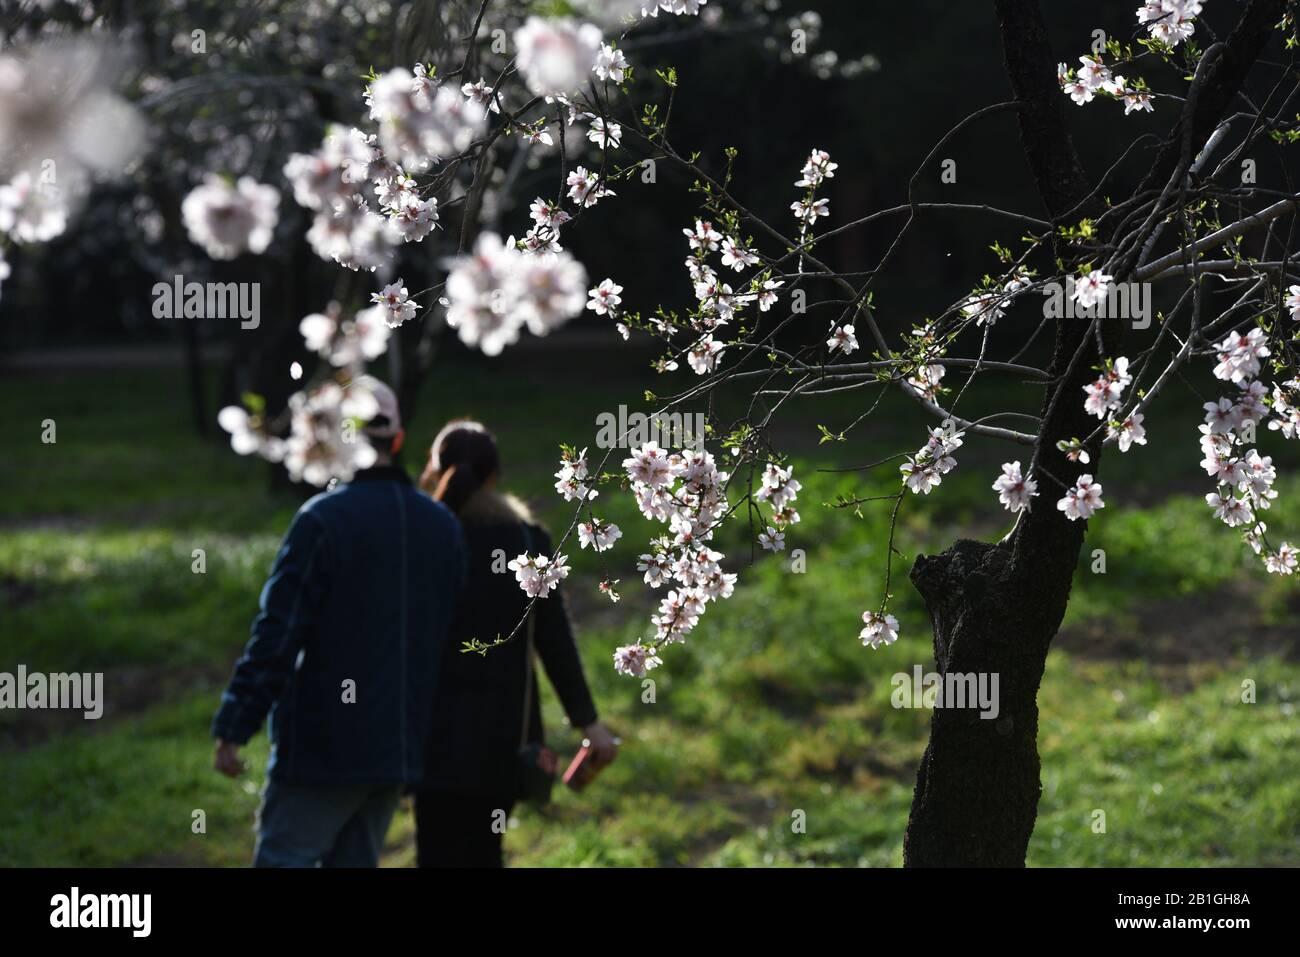 Madrid, España. 25 de febrero de 2020. Una pareja en el parque 'Quinta de los Molinos' de Madrid. Los almendros florecen debido a las altas temperaturas de los últimos días. Crédito: Jorge Sanz/Sopa Images/Zuma Wire/Alamy Live News Foto de stock